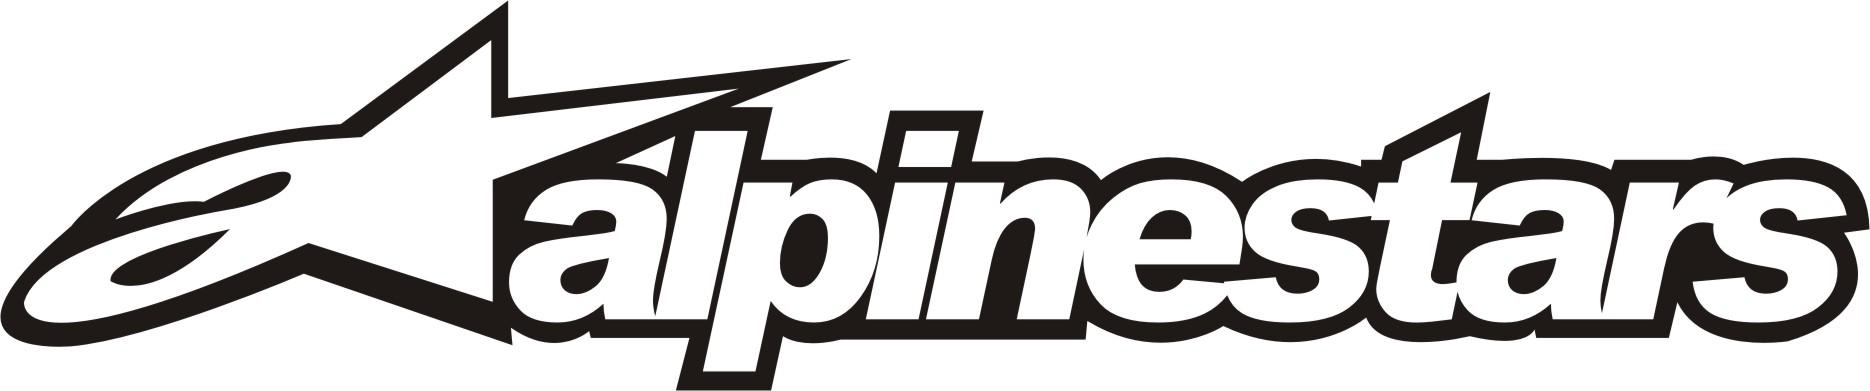 Alpinestar Logo Wallpaper Alpinestars Logo 1870x391